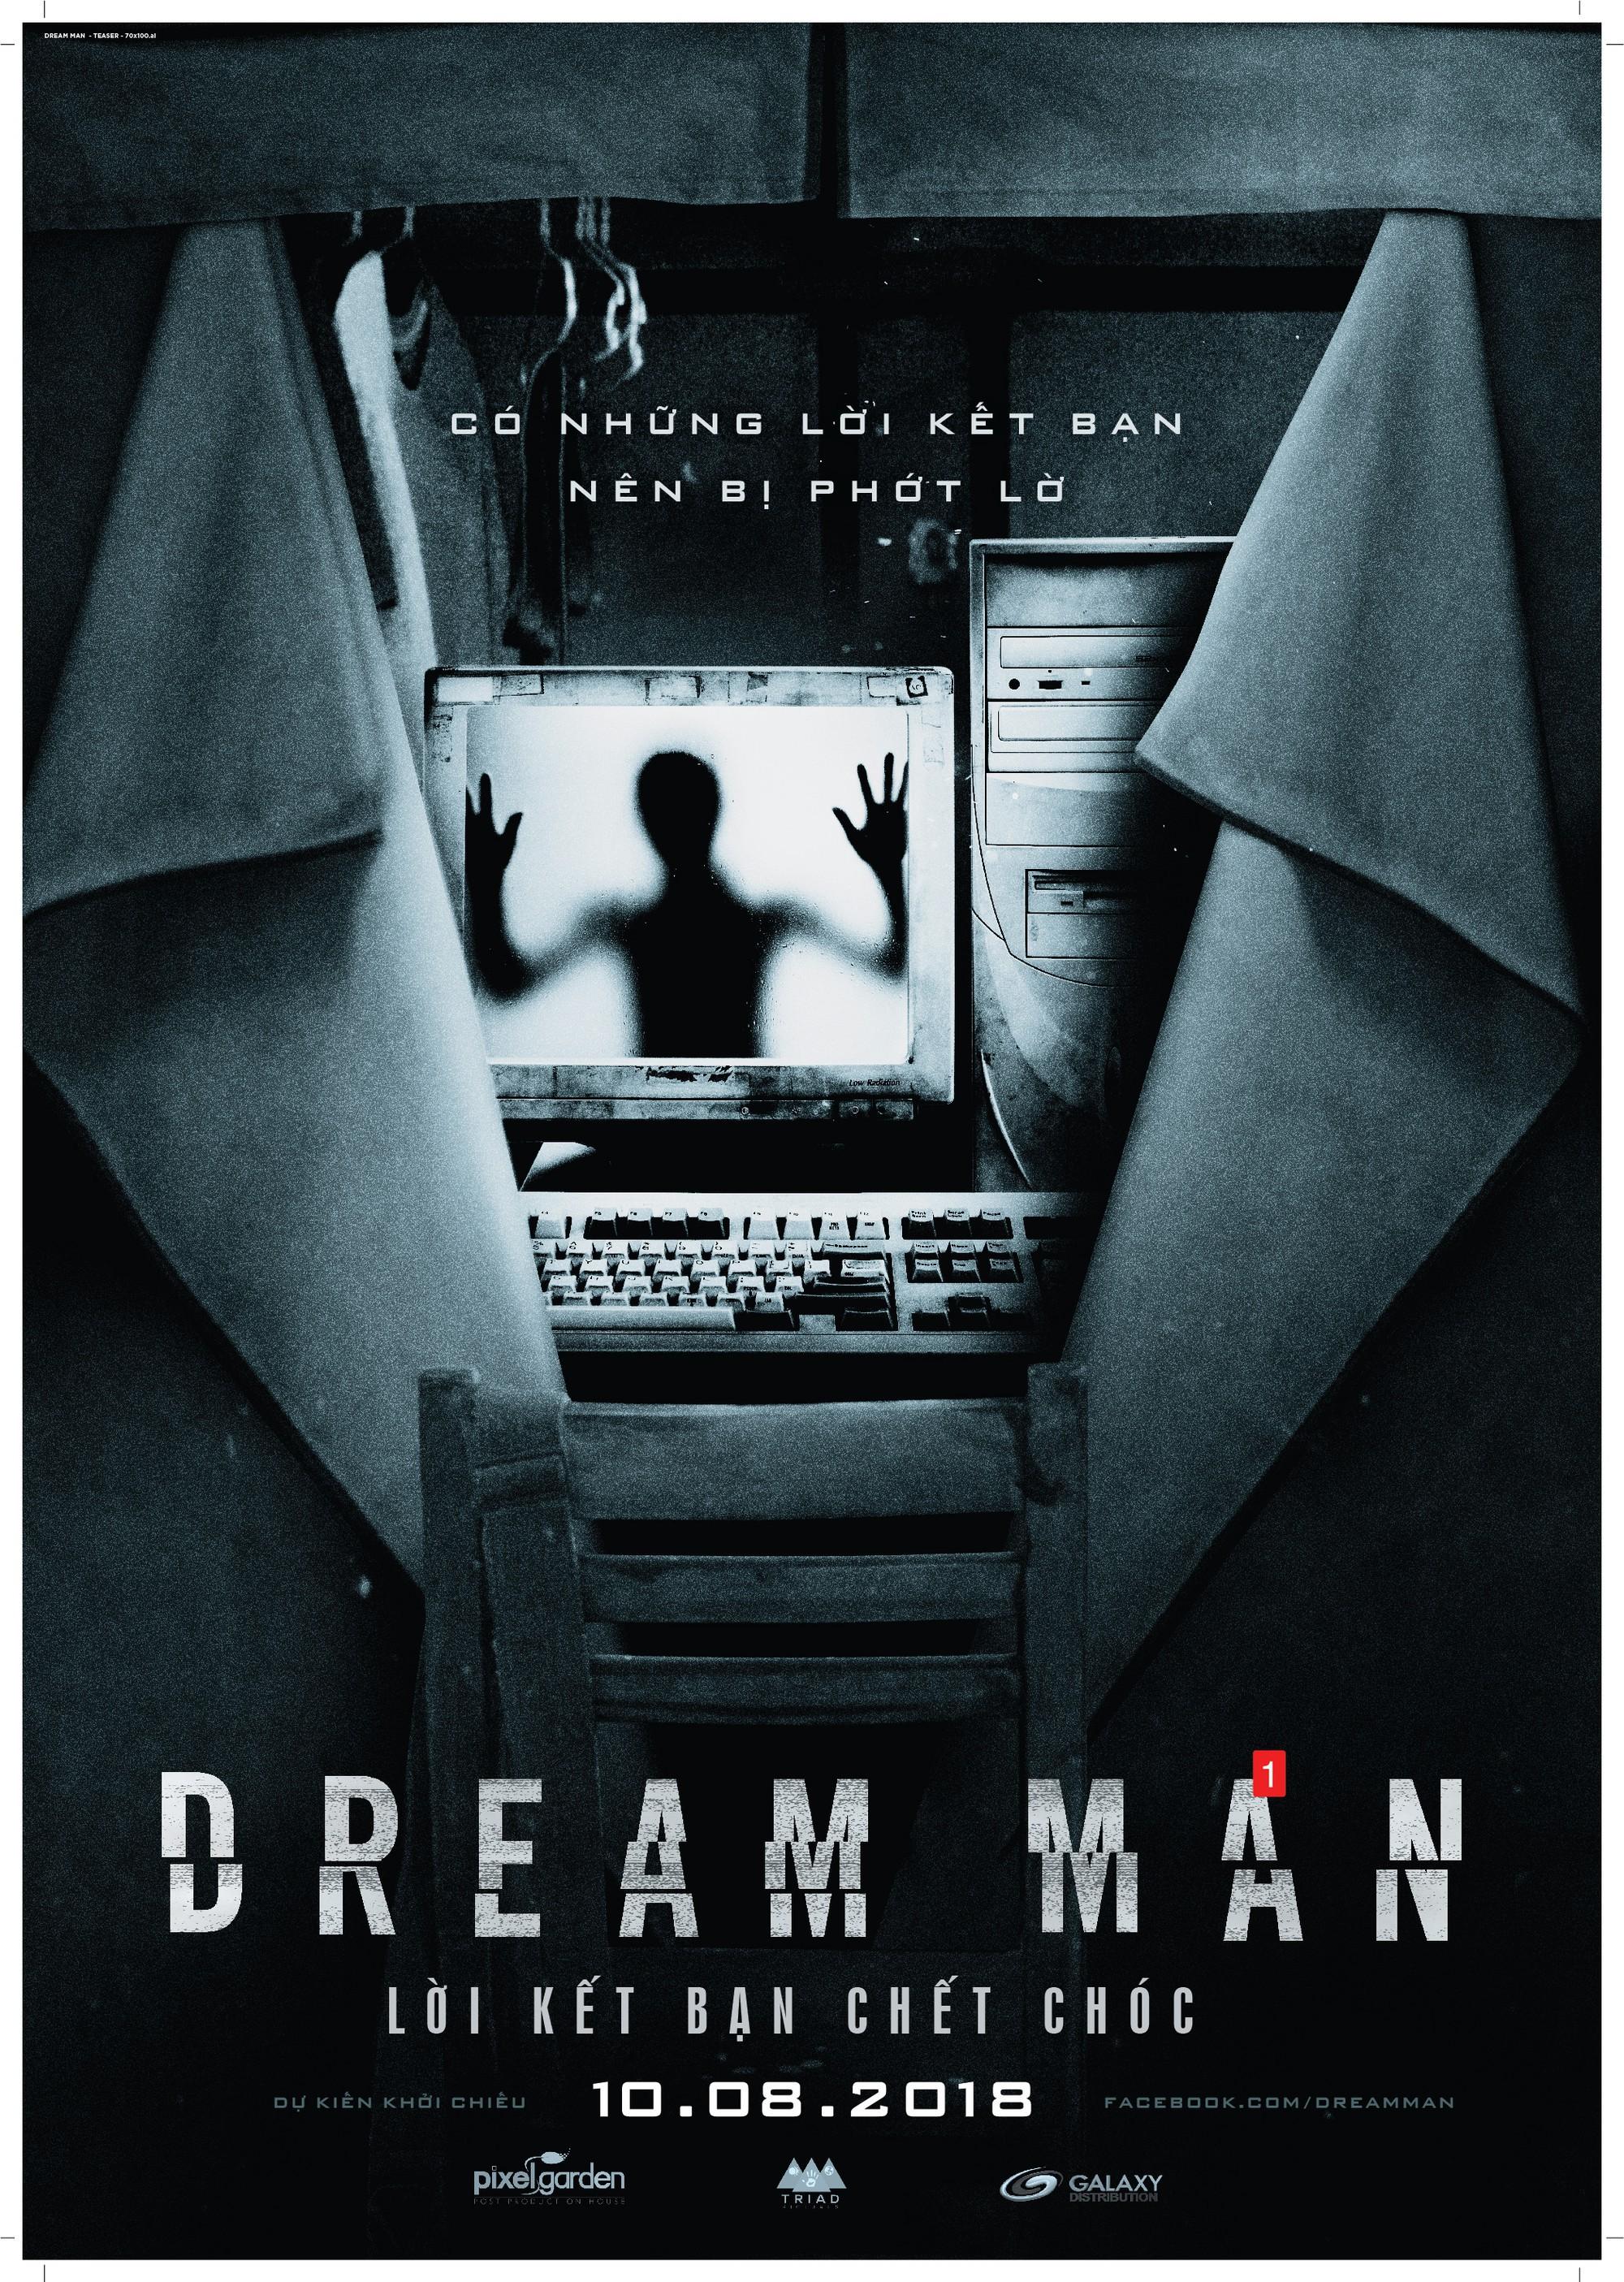 Dream Man của Thanh Duy - Thanh Tú: Xoắn não với lời kết bạn chết chóc, sống ảo chết thật! - Ảnh 7.